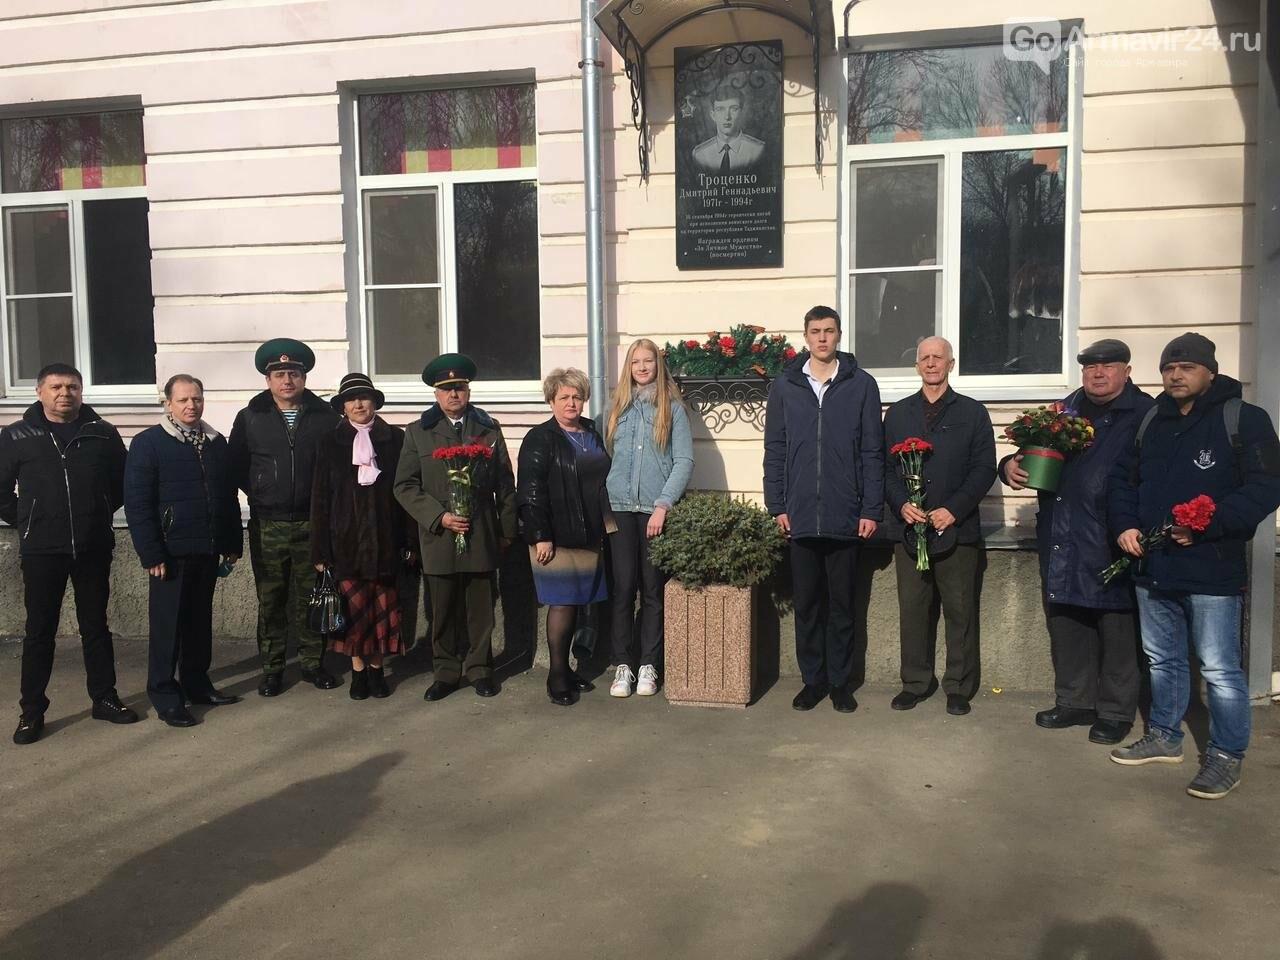 В армавирской школе №14 провели митинг посвященный открытию мемориальной доски, фото-4